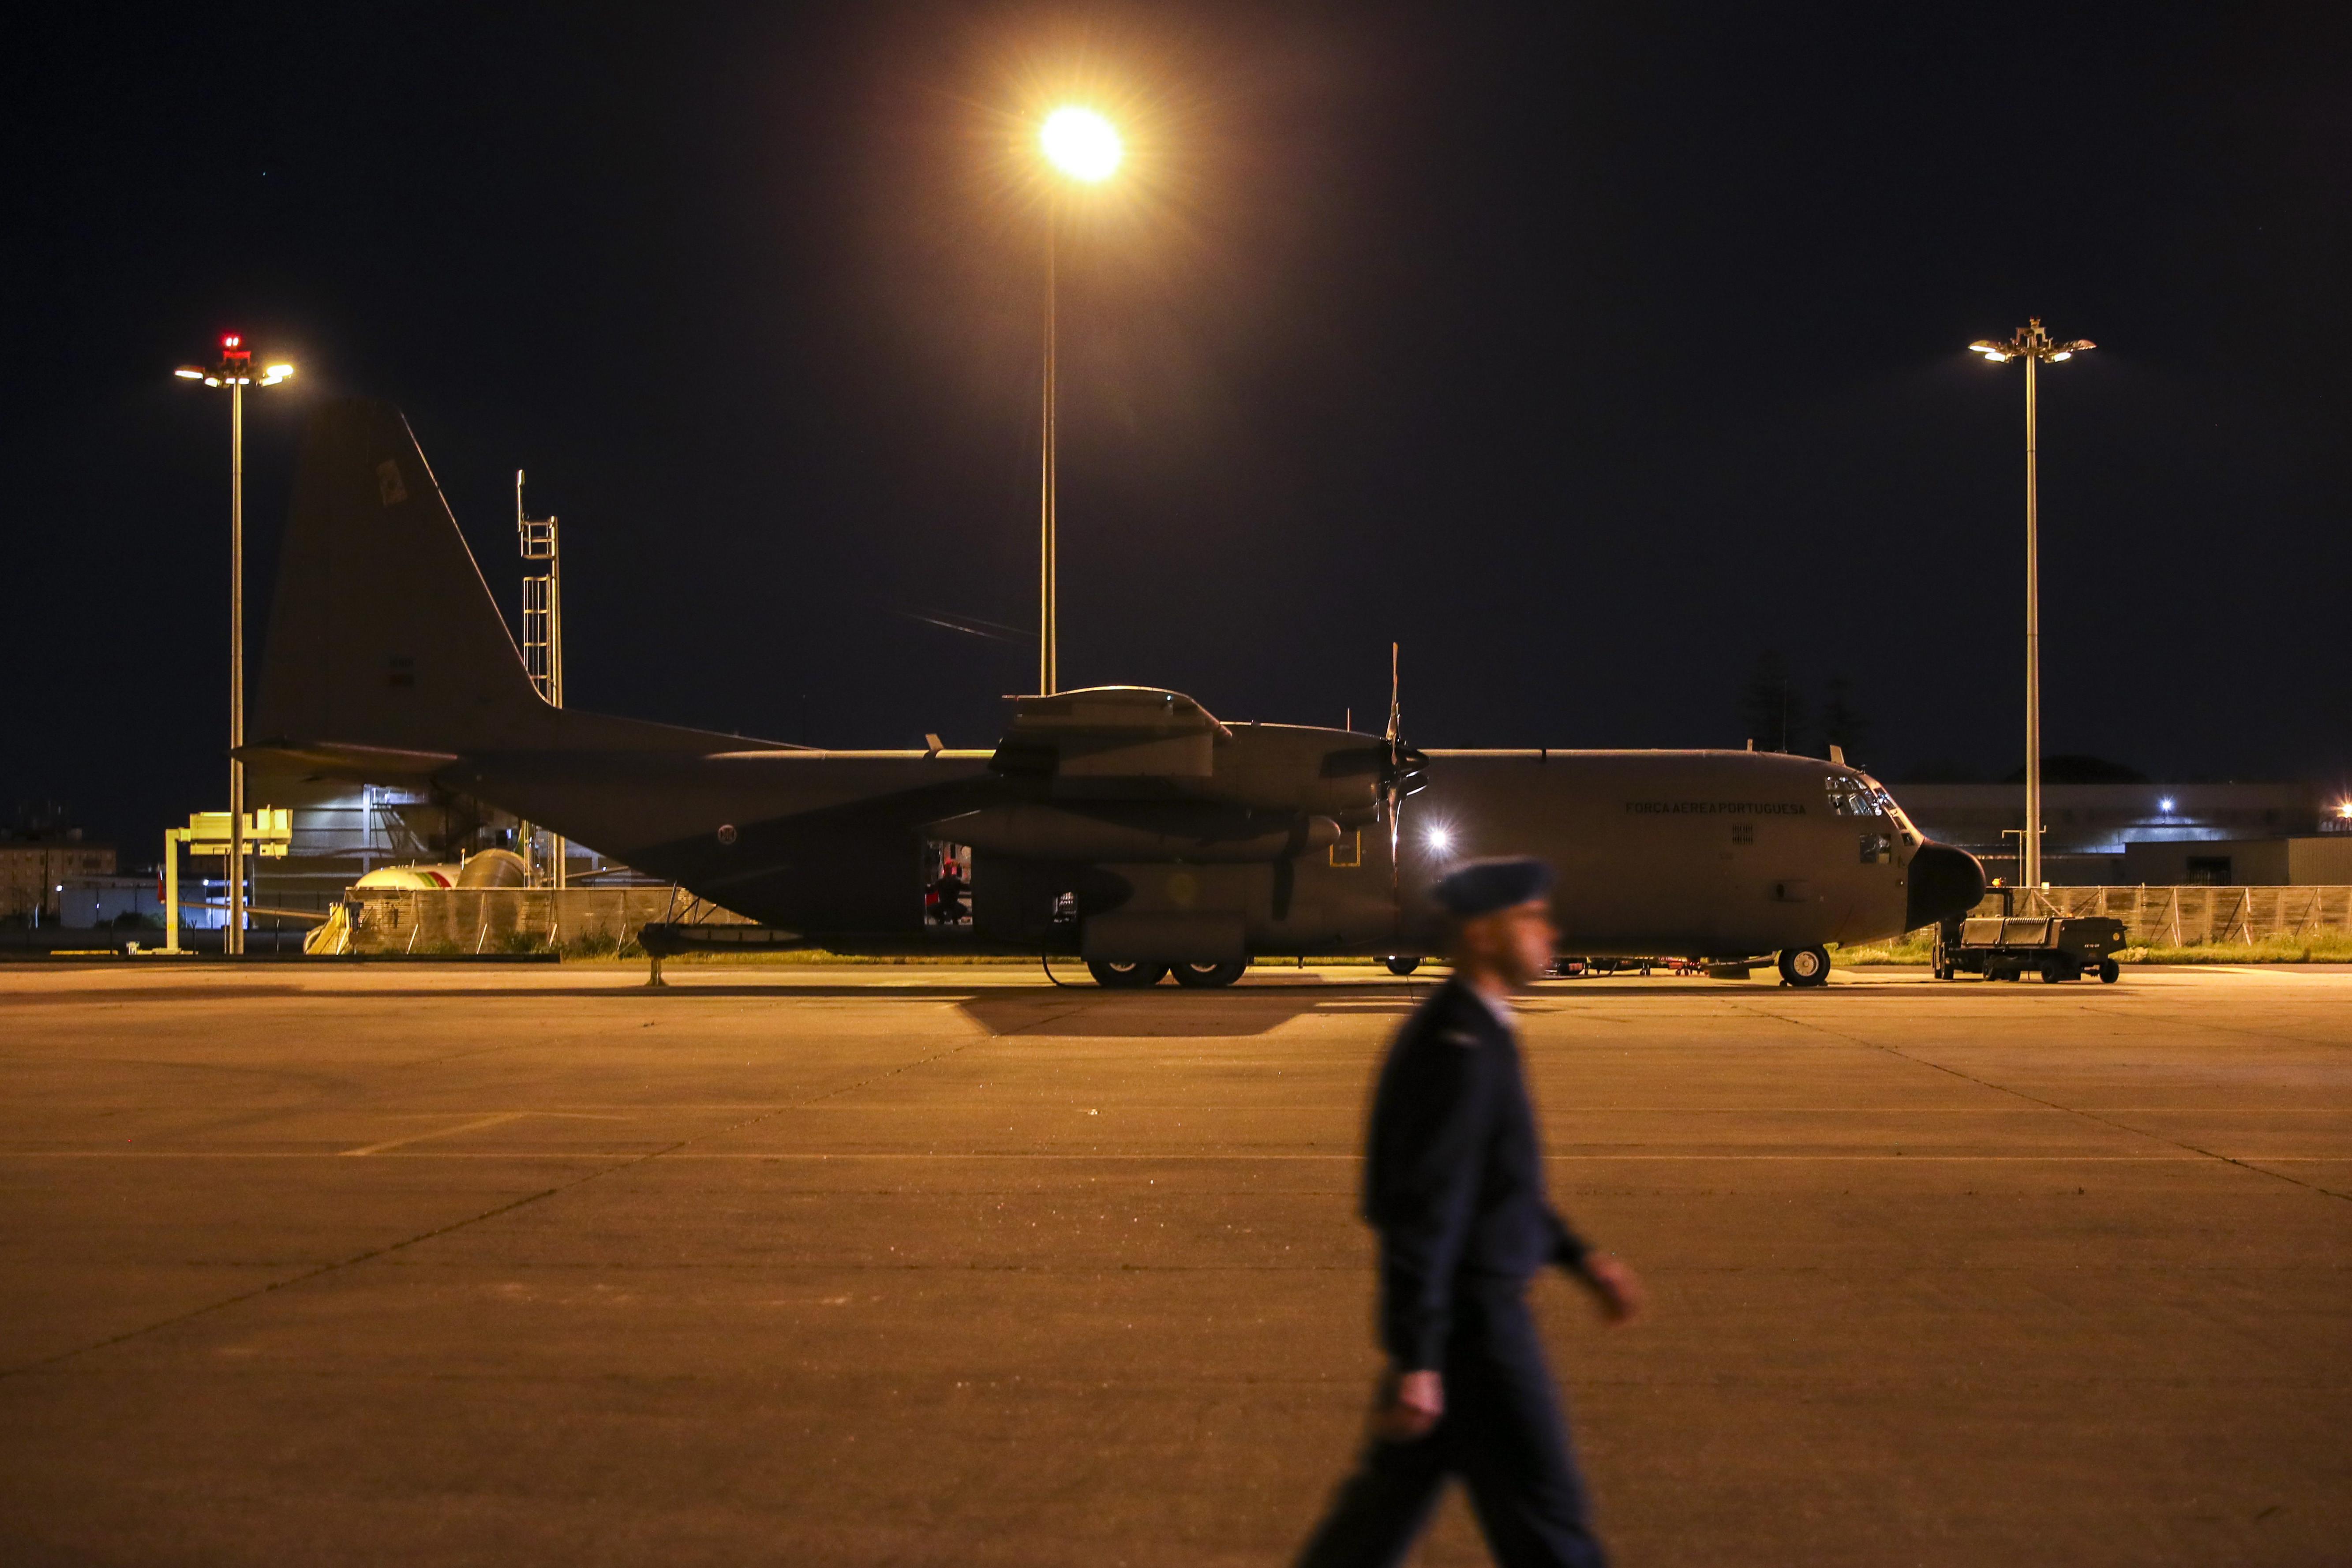 Primeiro C-130 português com apoio esperado hoje na Beira